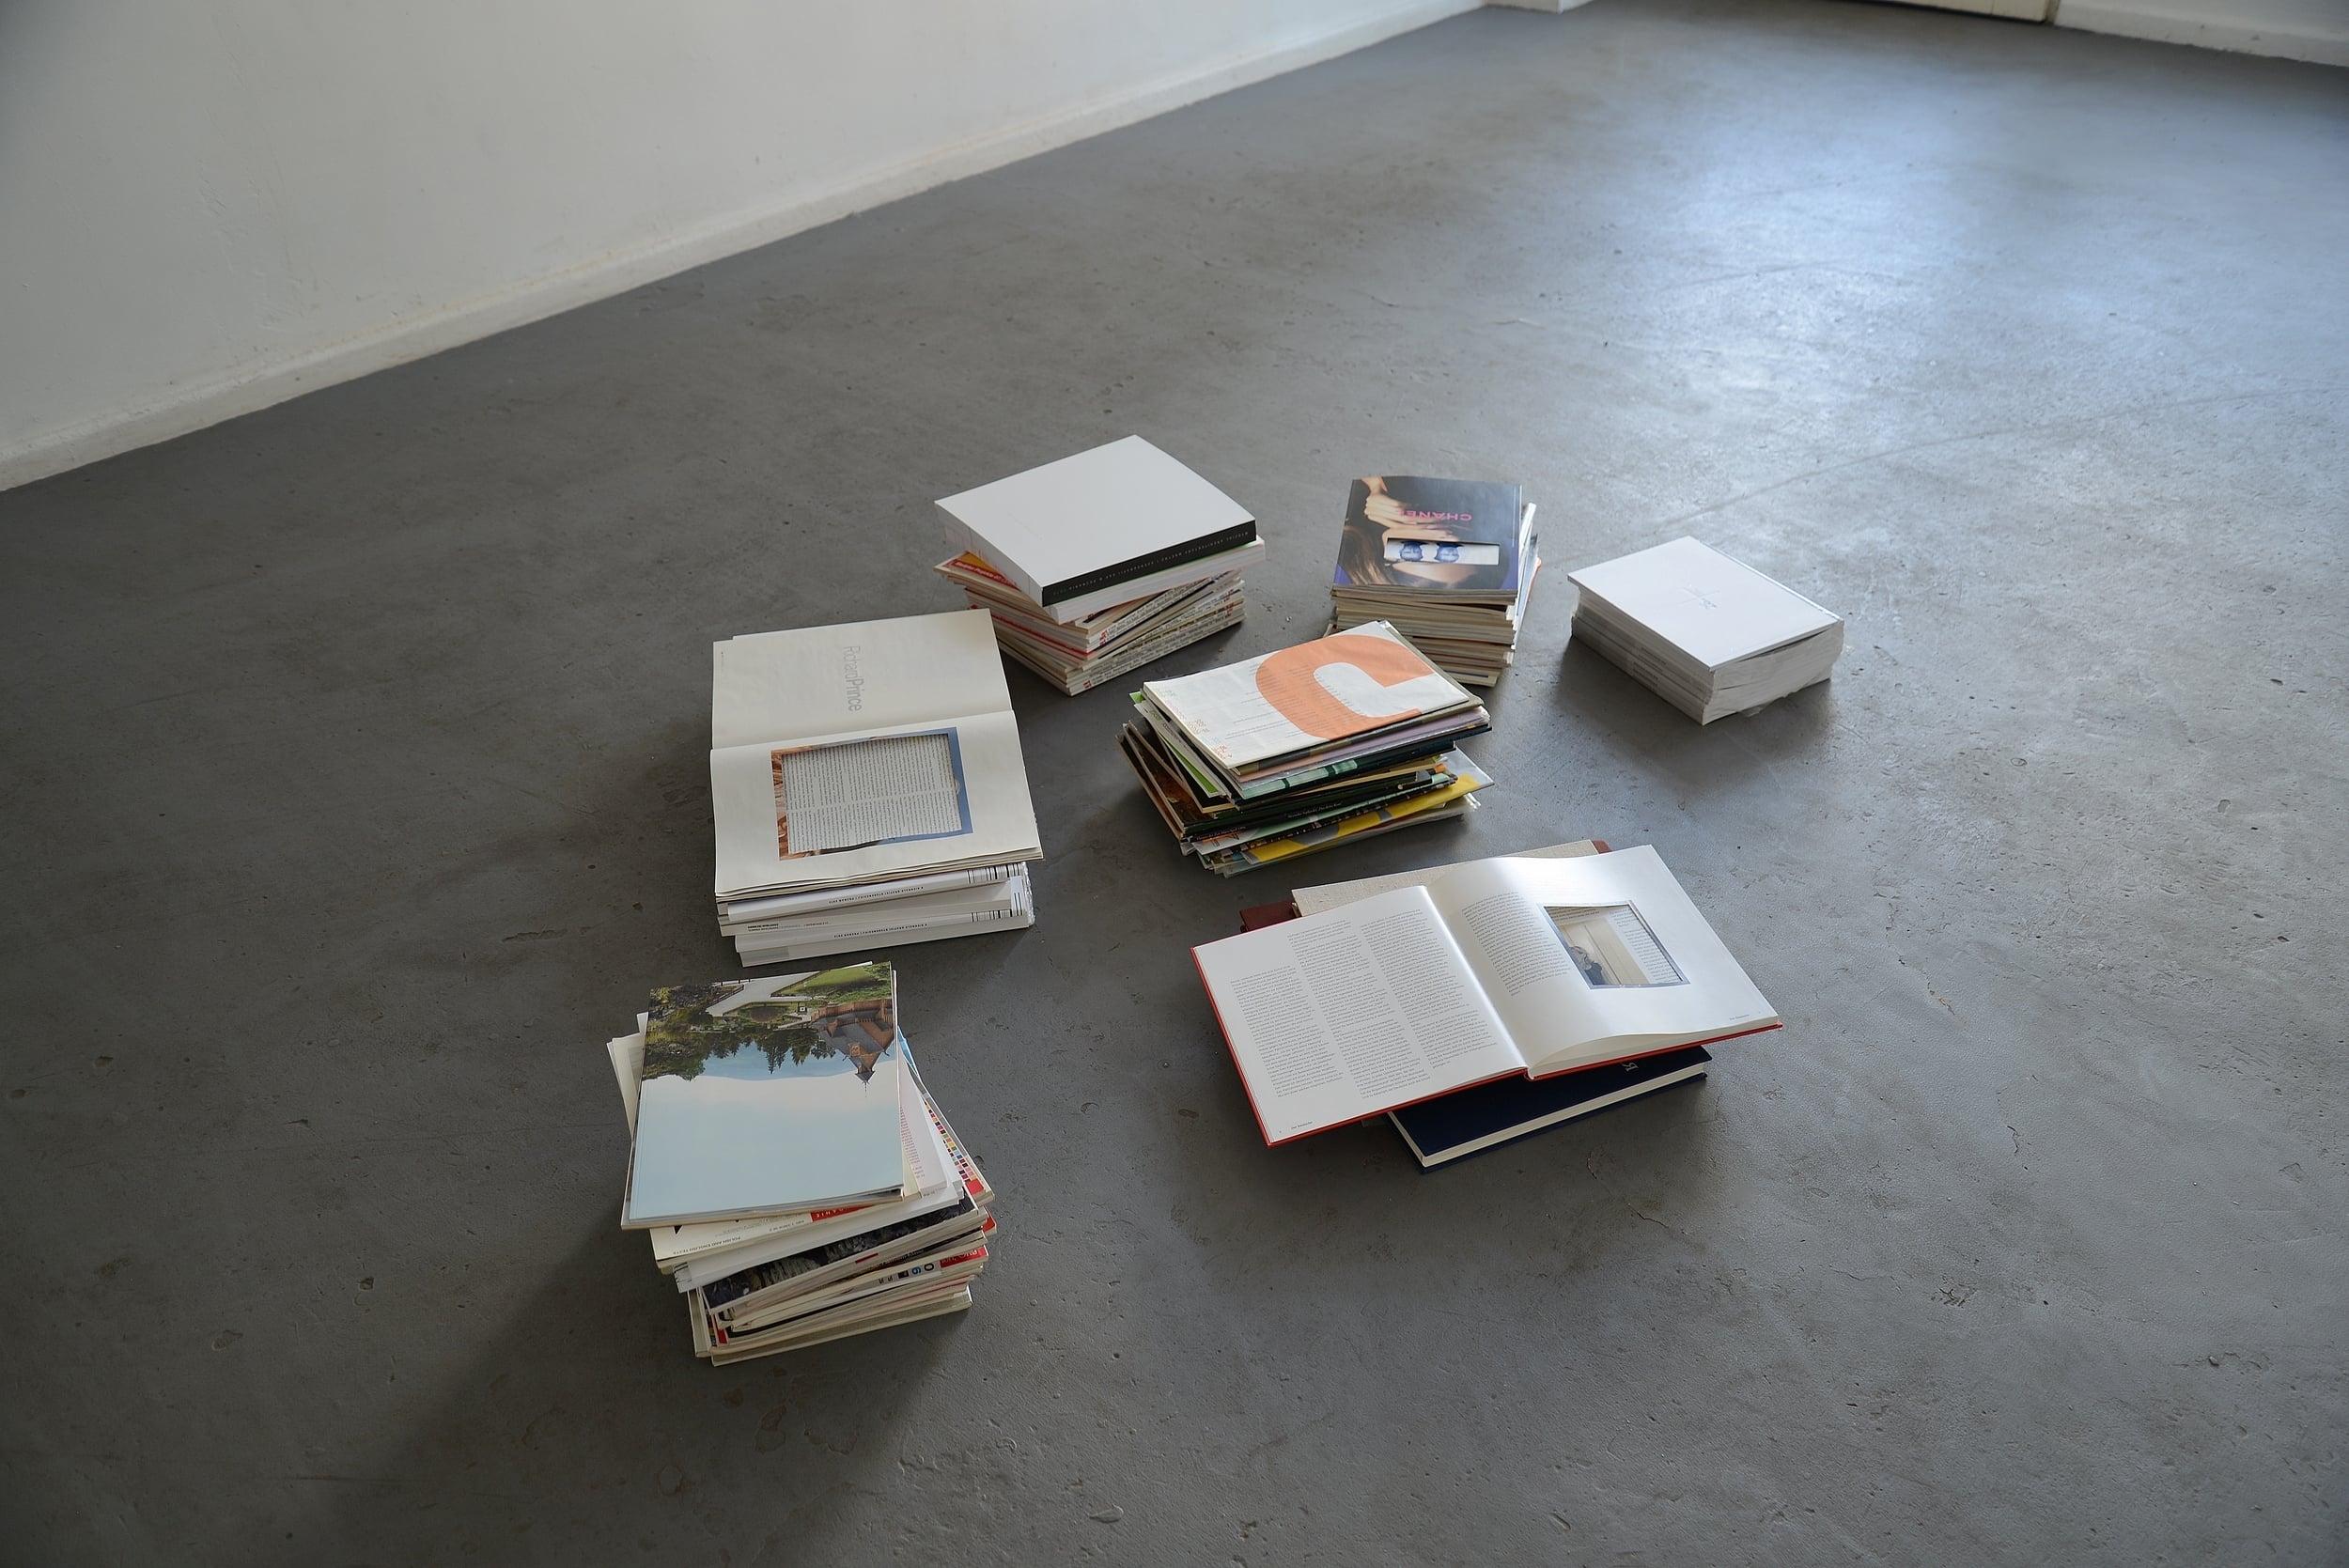 Roland Schefferski, Behind Images, 2015